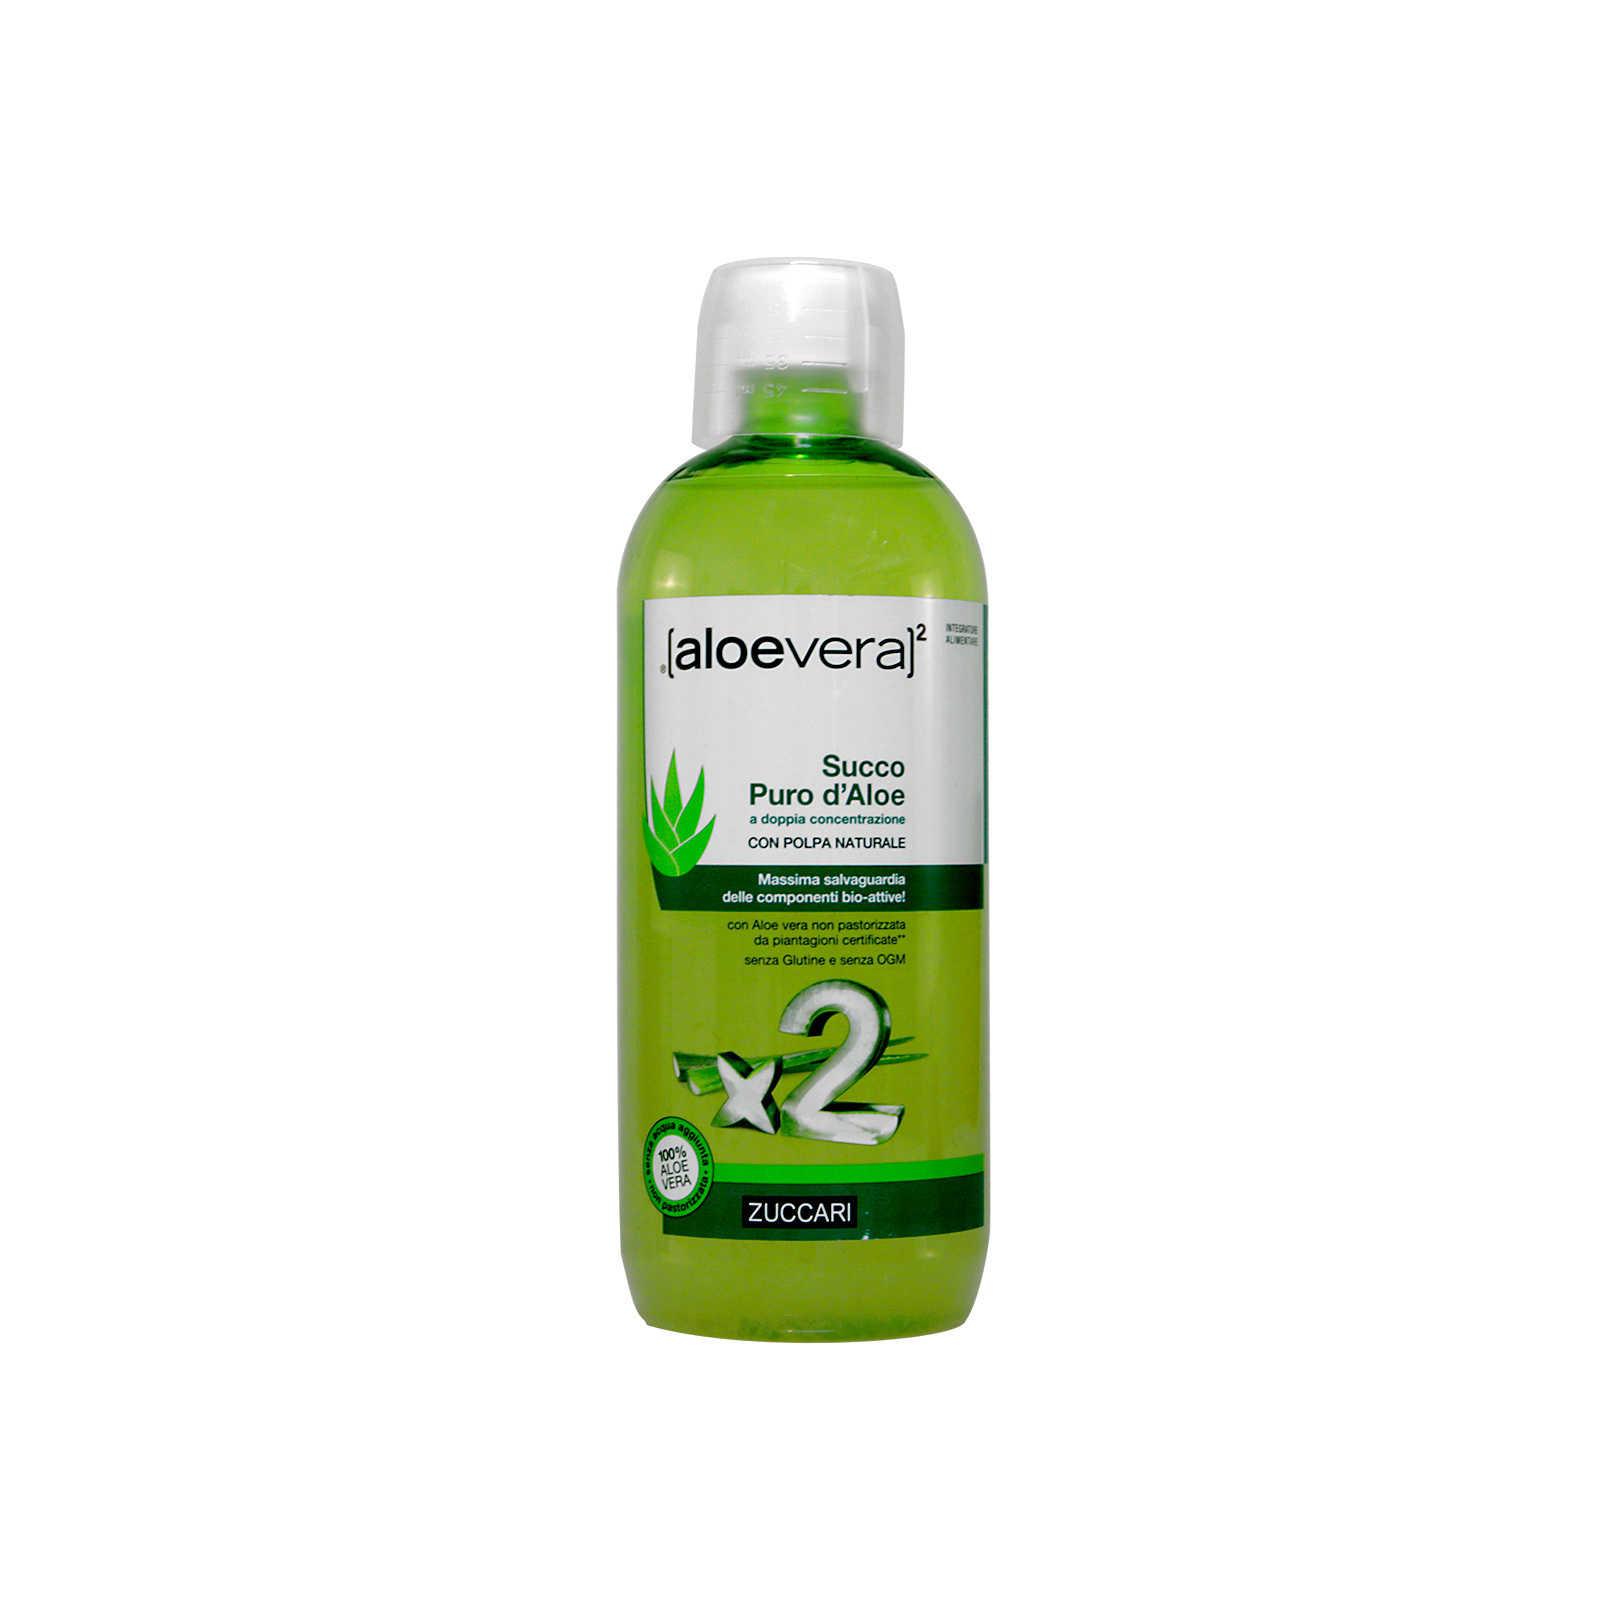 Zuccari - Aloevera - Succo puro d'Aloe